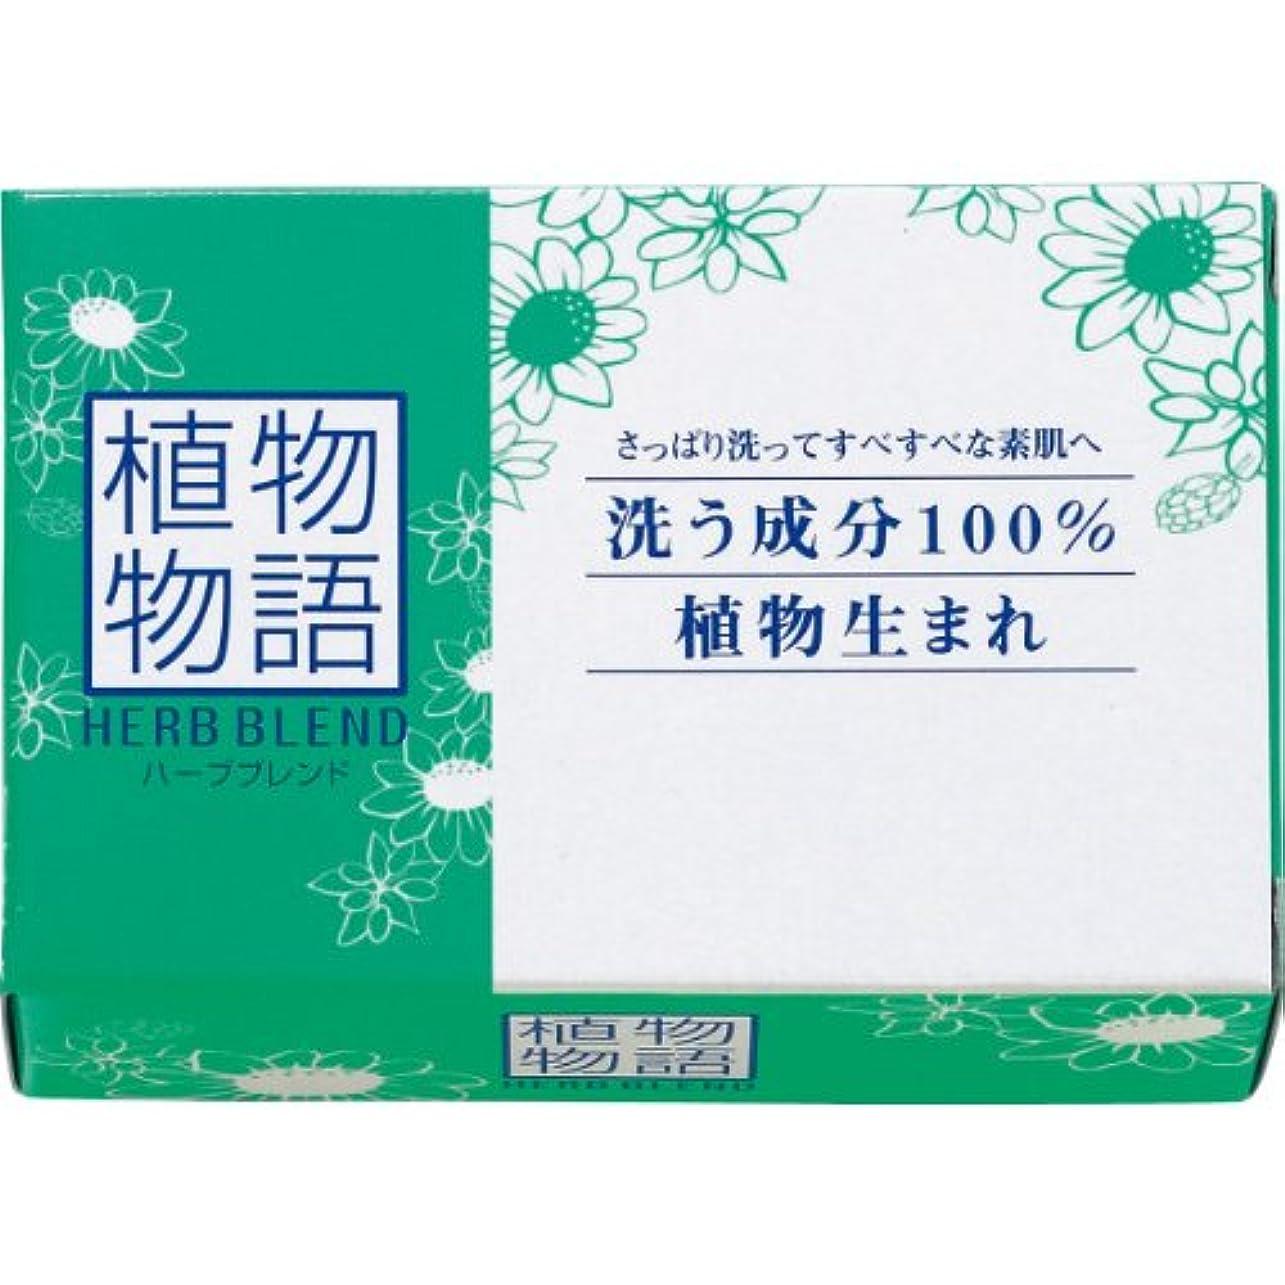 起きる放棄するすすり泣き【ライオン】植物物語ハーブブレンド 化粧石鹸 80g